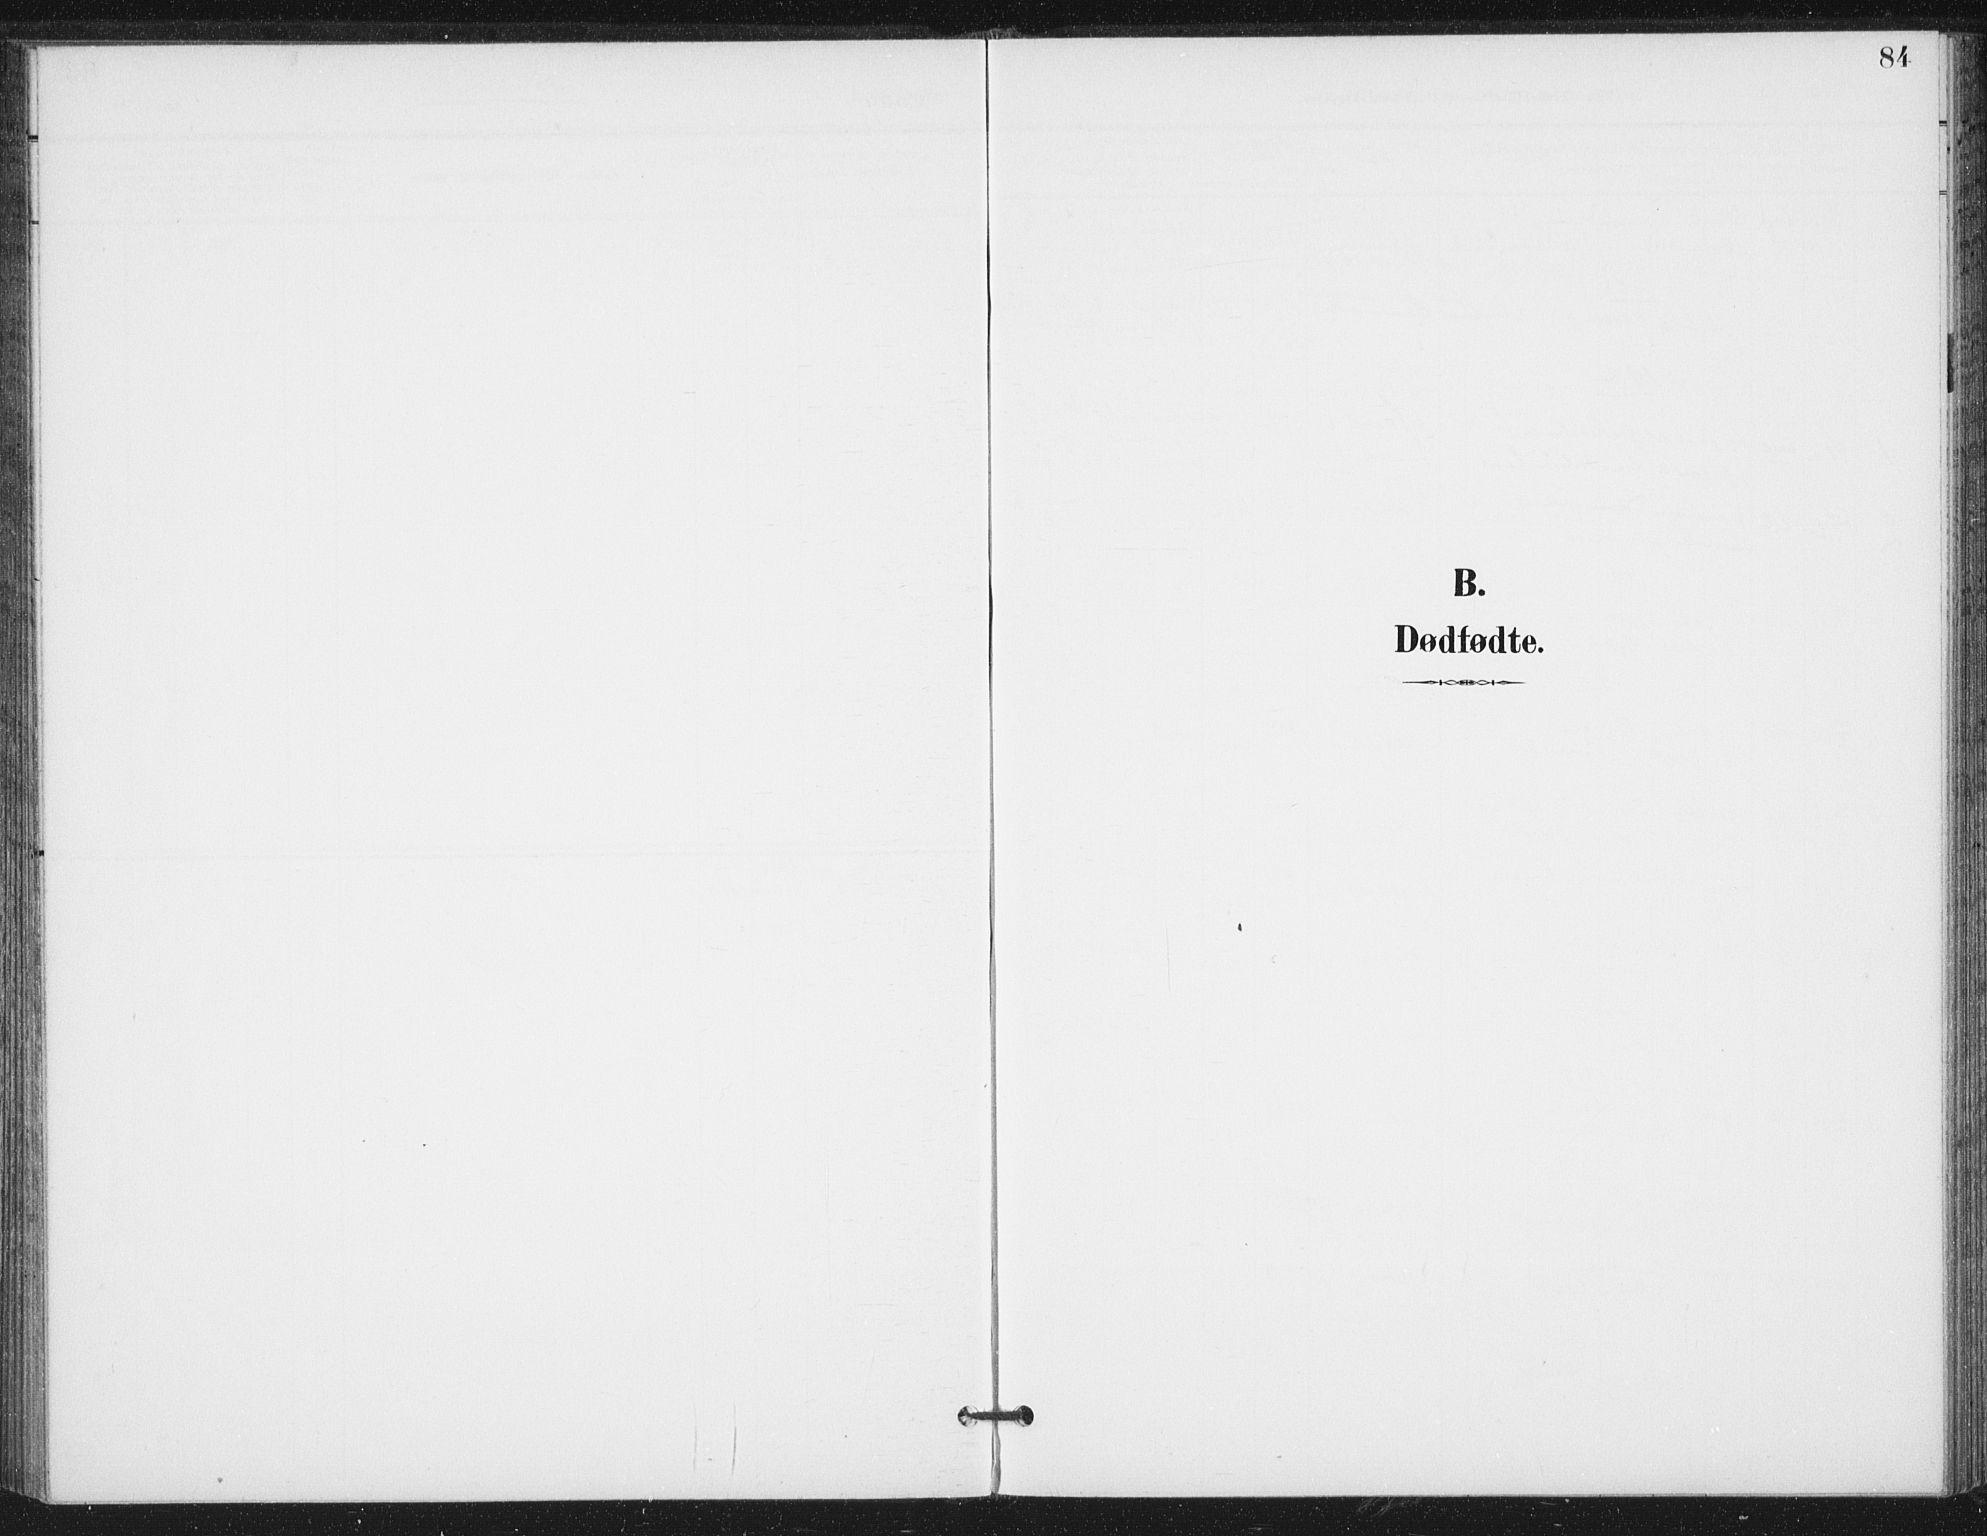 SAT, Ministerialprotokoller, klokkerbøker og fødselsregistre - Nord-Trøndelag, 714/L0131: Ministerialbok nr. 714A02, 1896-1918, s. 84